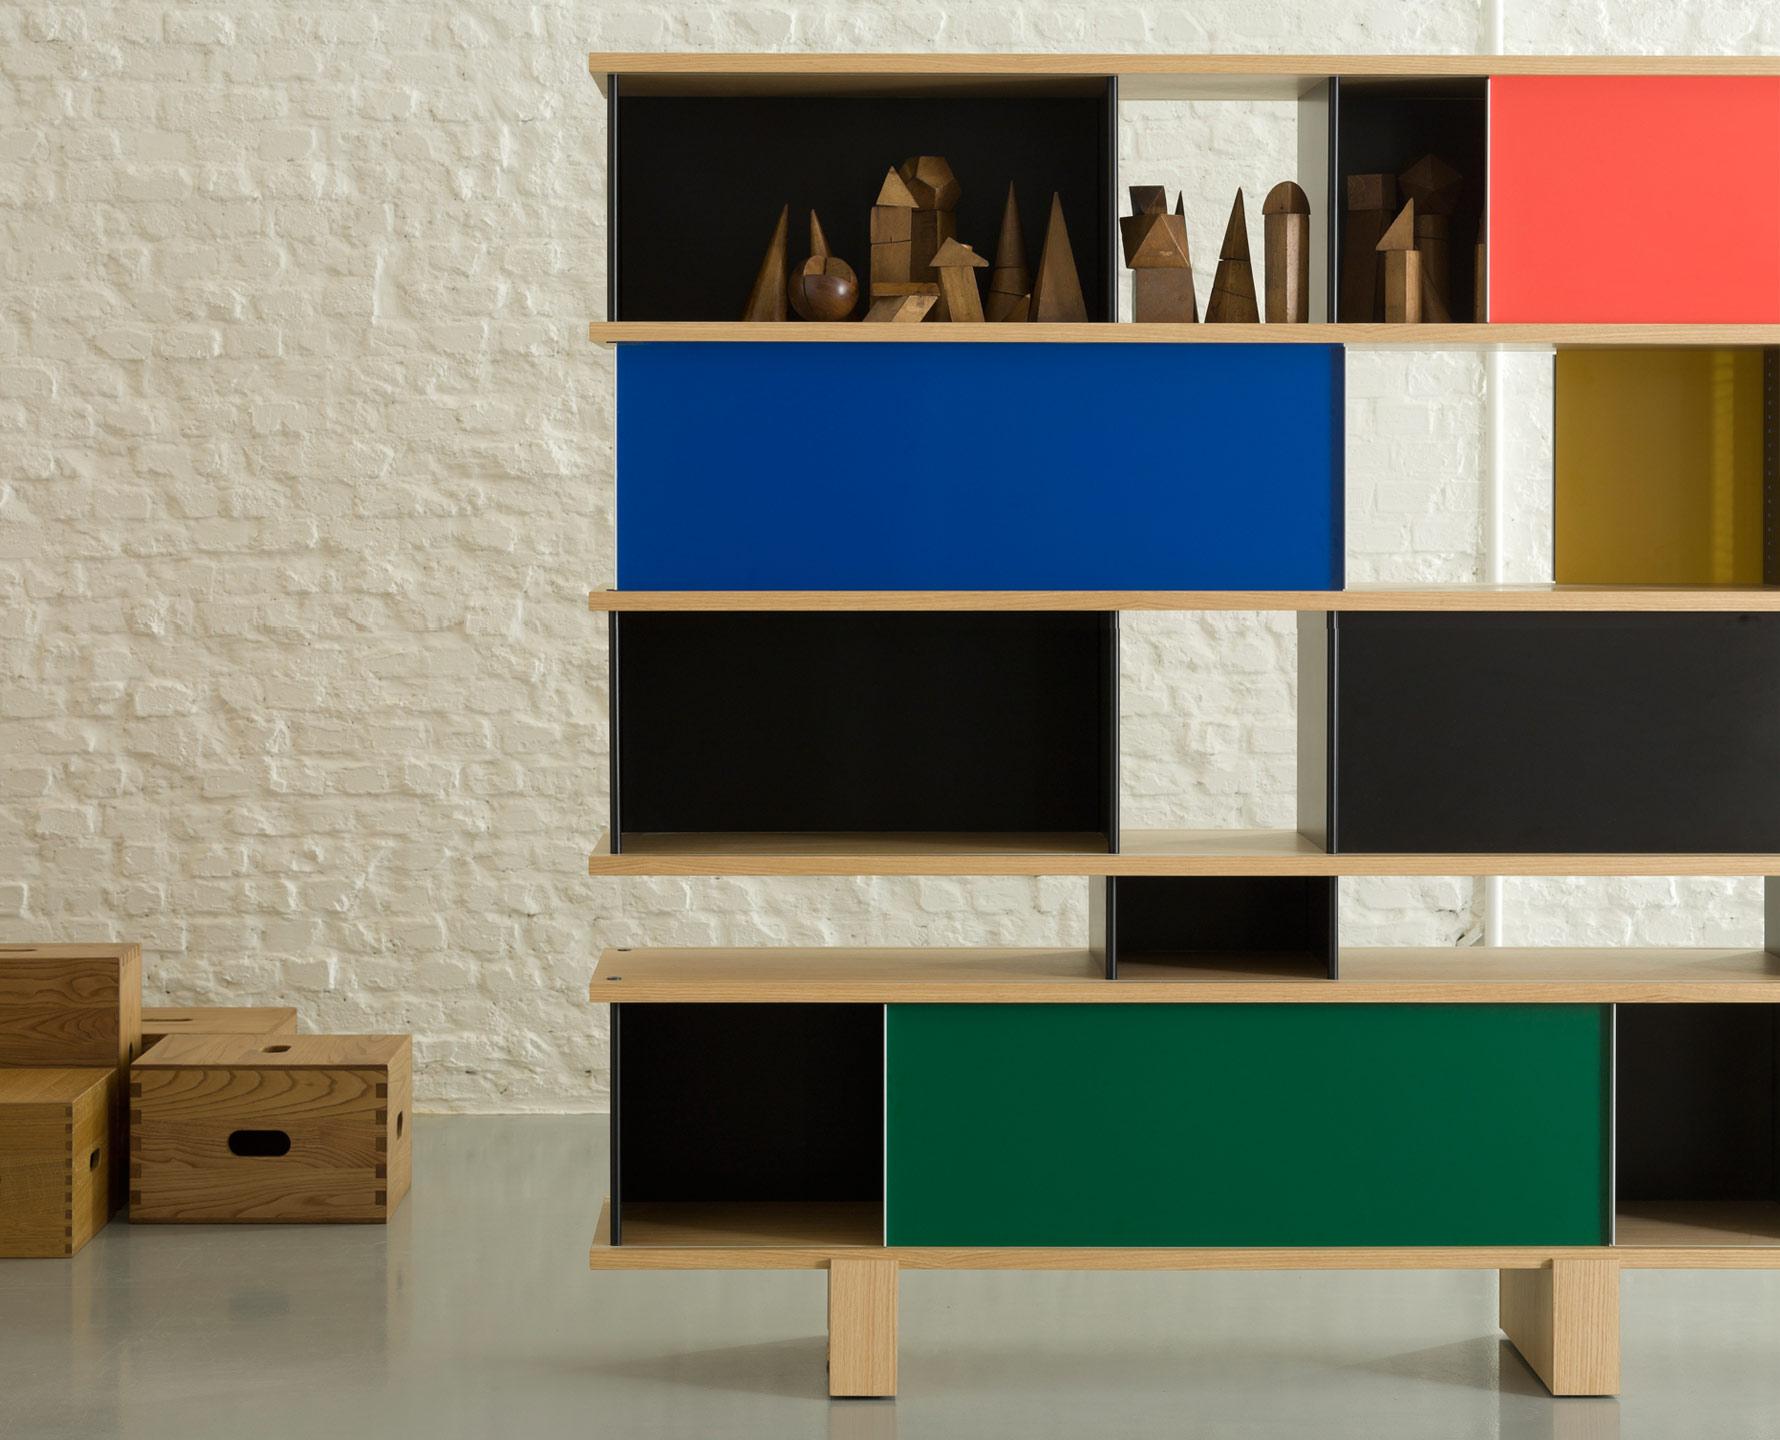 526 nuage di cassina pareti e librerie arredamento. Black Bedroom Furniture Sets. Home Design Ideas